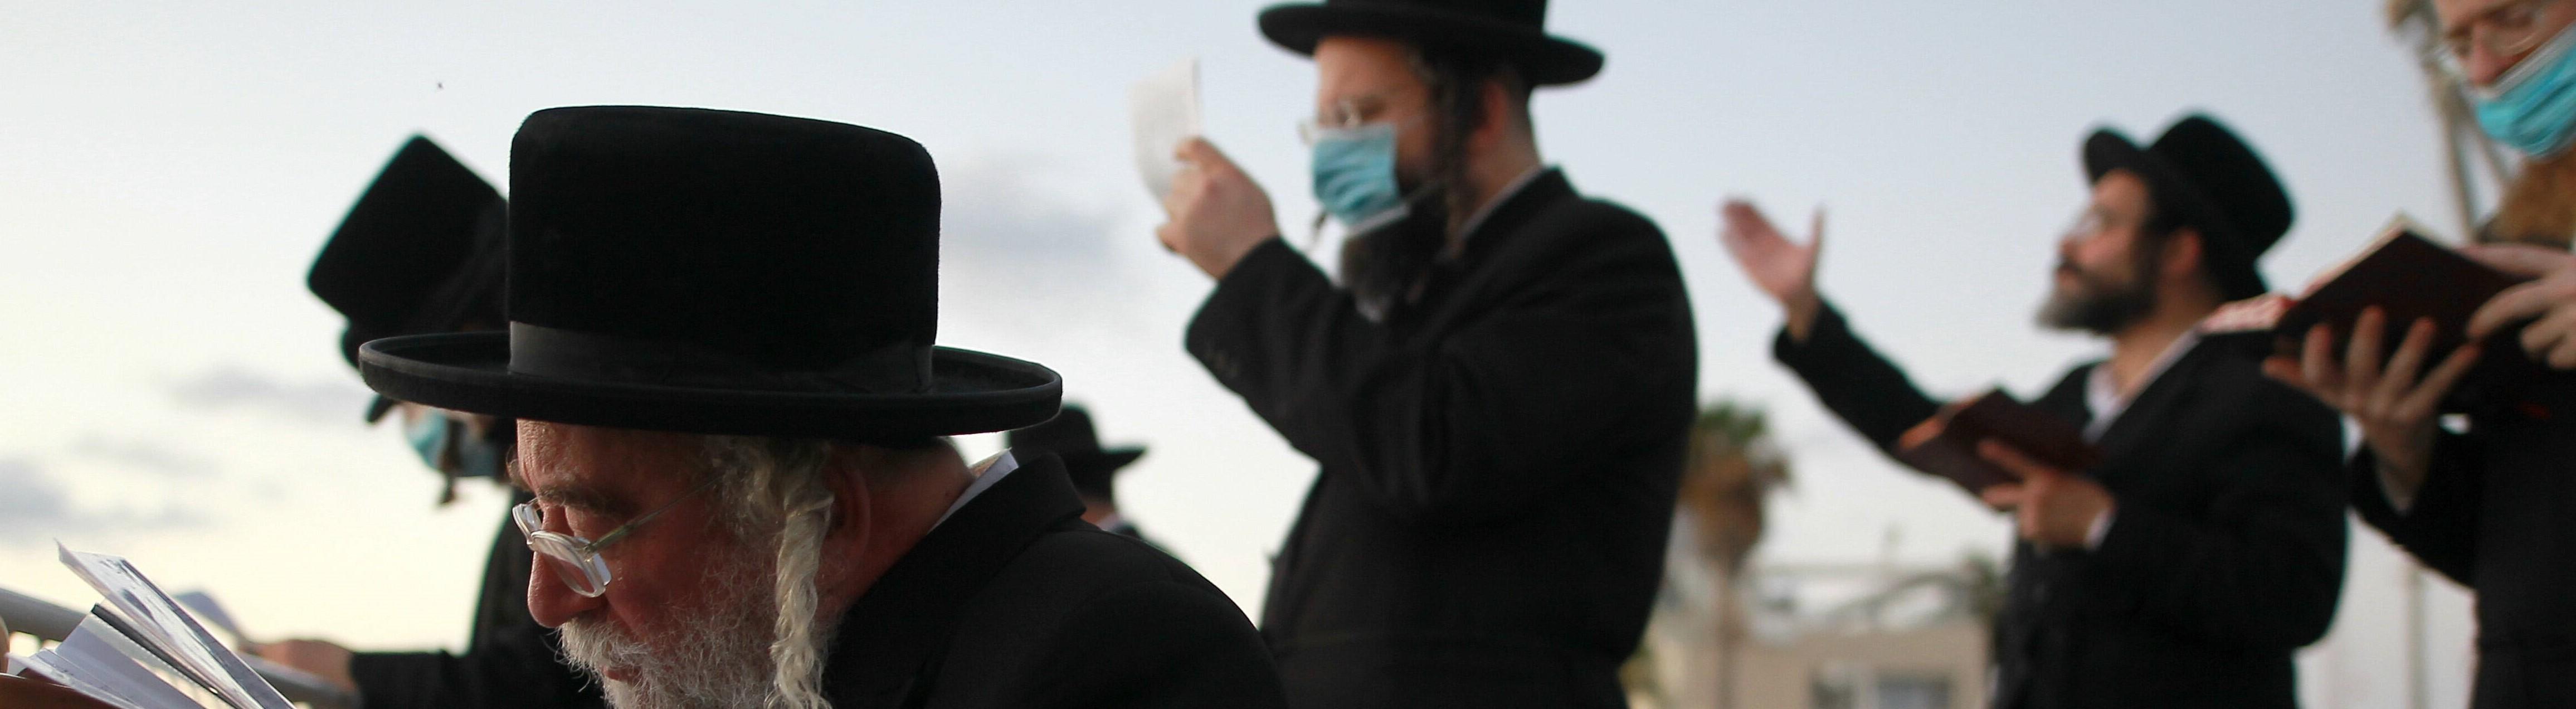 Eine Gruppe ultraorthodoxer jüdischer Männer betet. Einige von ihnen tragen einen Mundschutz.